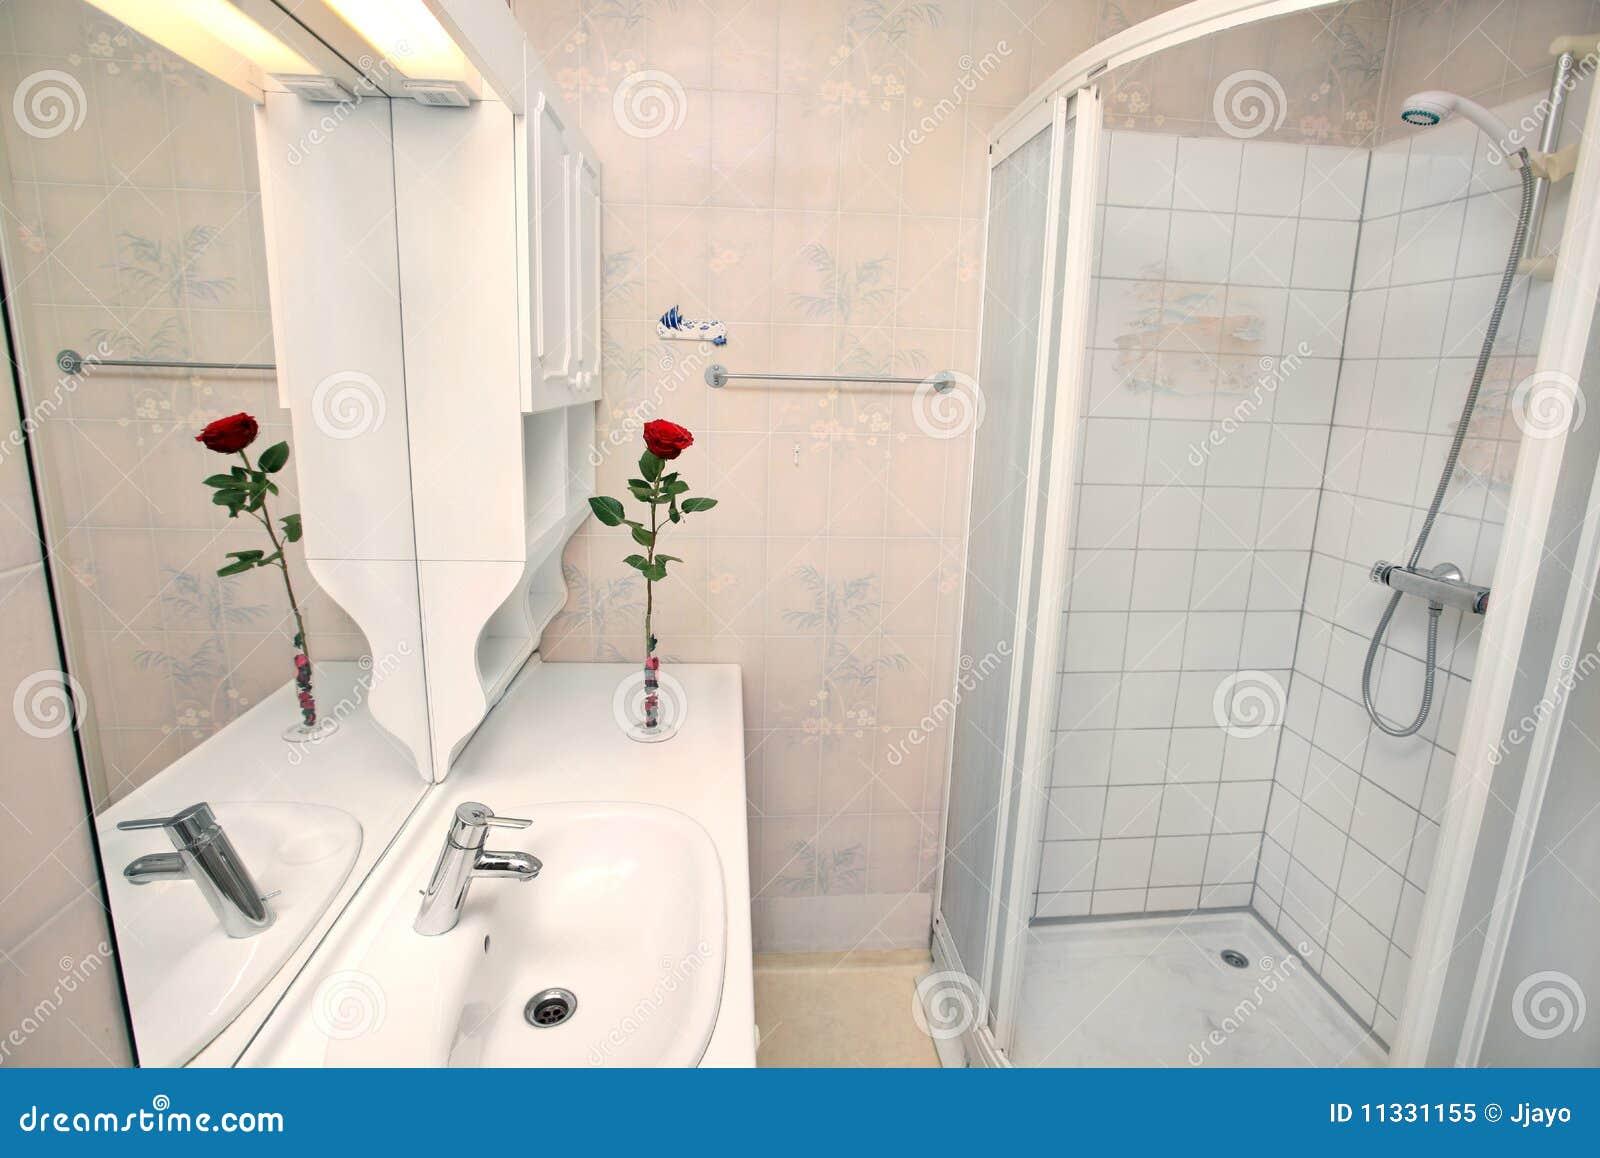 Interior Do Banheiro Branco Pequeno Foto de Stock Royalty Free  Imagem 1133 -> Banheiro Pequeno Branco Com Vermelho